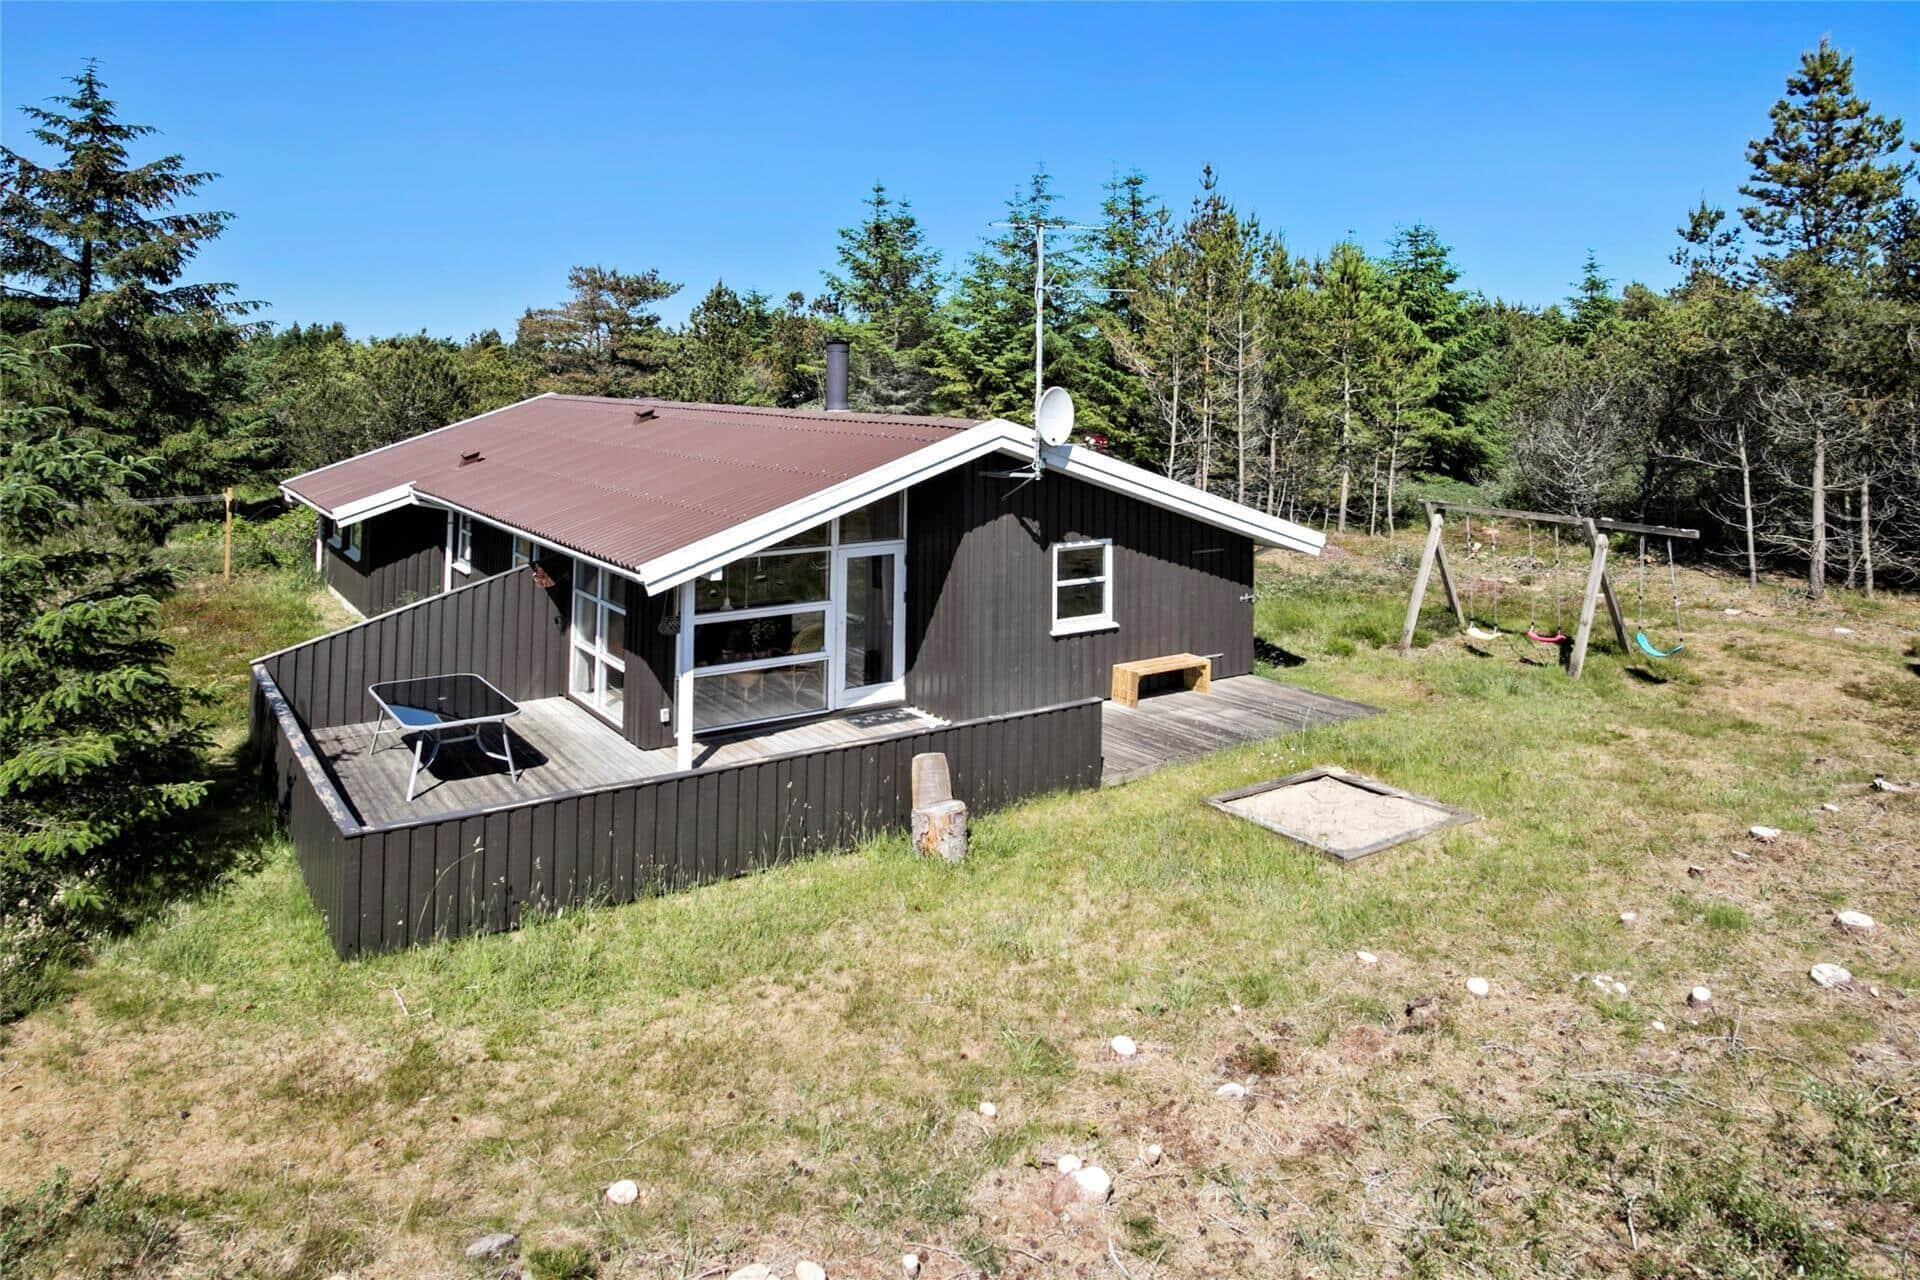 Billede 1-172 Sommerhus JB844, Blåbærstien 27, DK - 9690 Fjerritslev